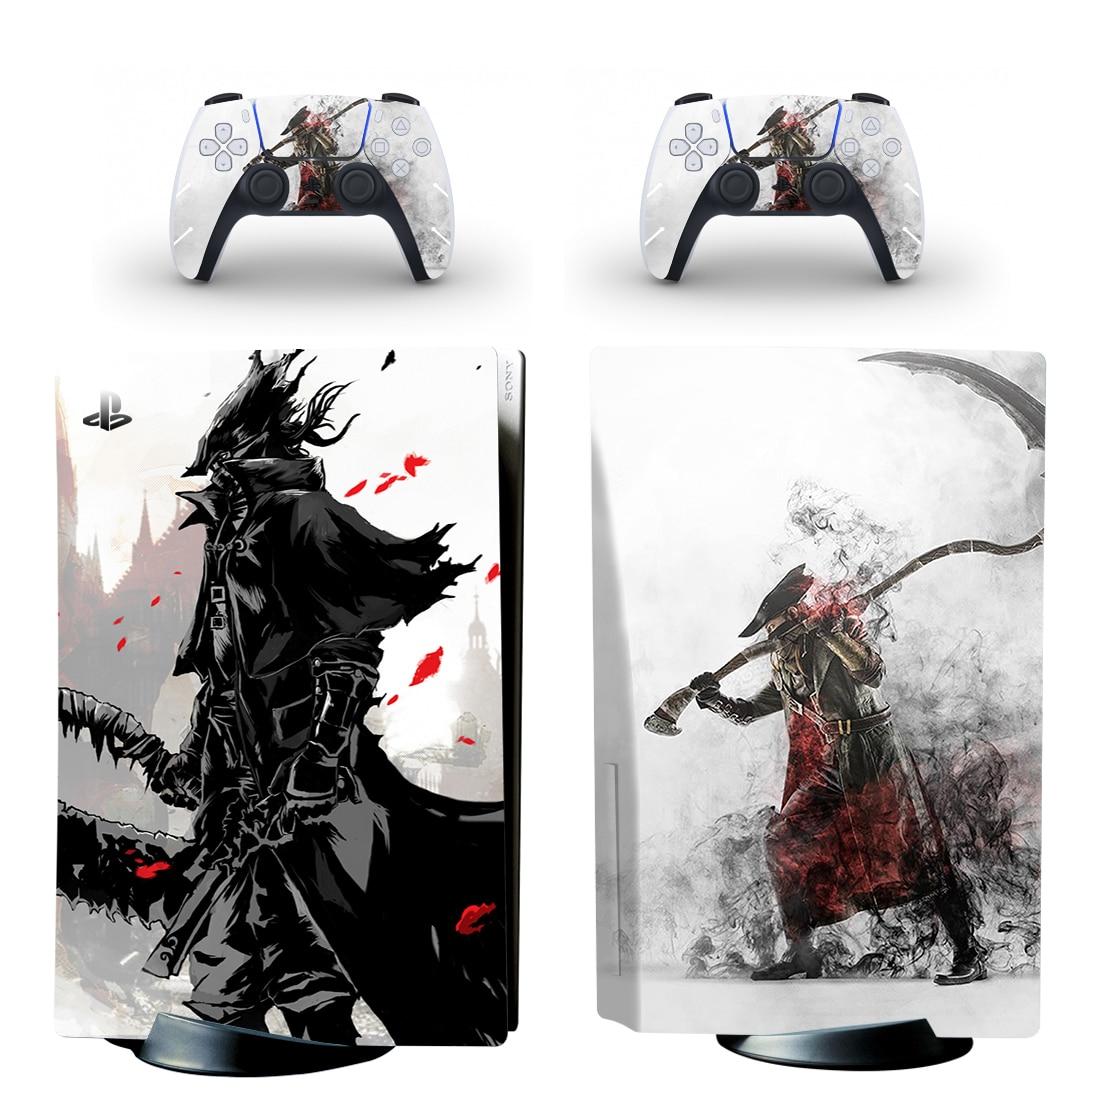 الدم المحمولة PS5 القياسية القرص الجلد ملصق مائي غطاء ل بلاي ستيشن 5 وحدة التحكم وأجهزة التحكم PS5 القرص الجلد الفينيل